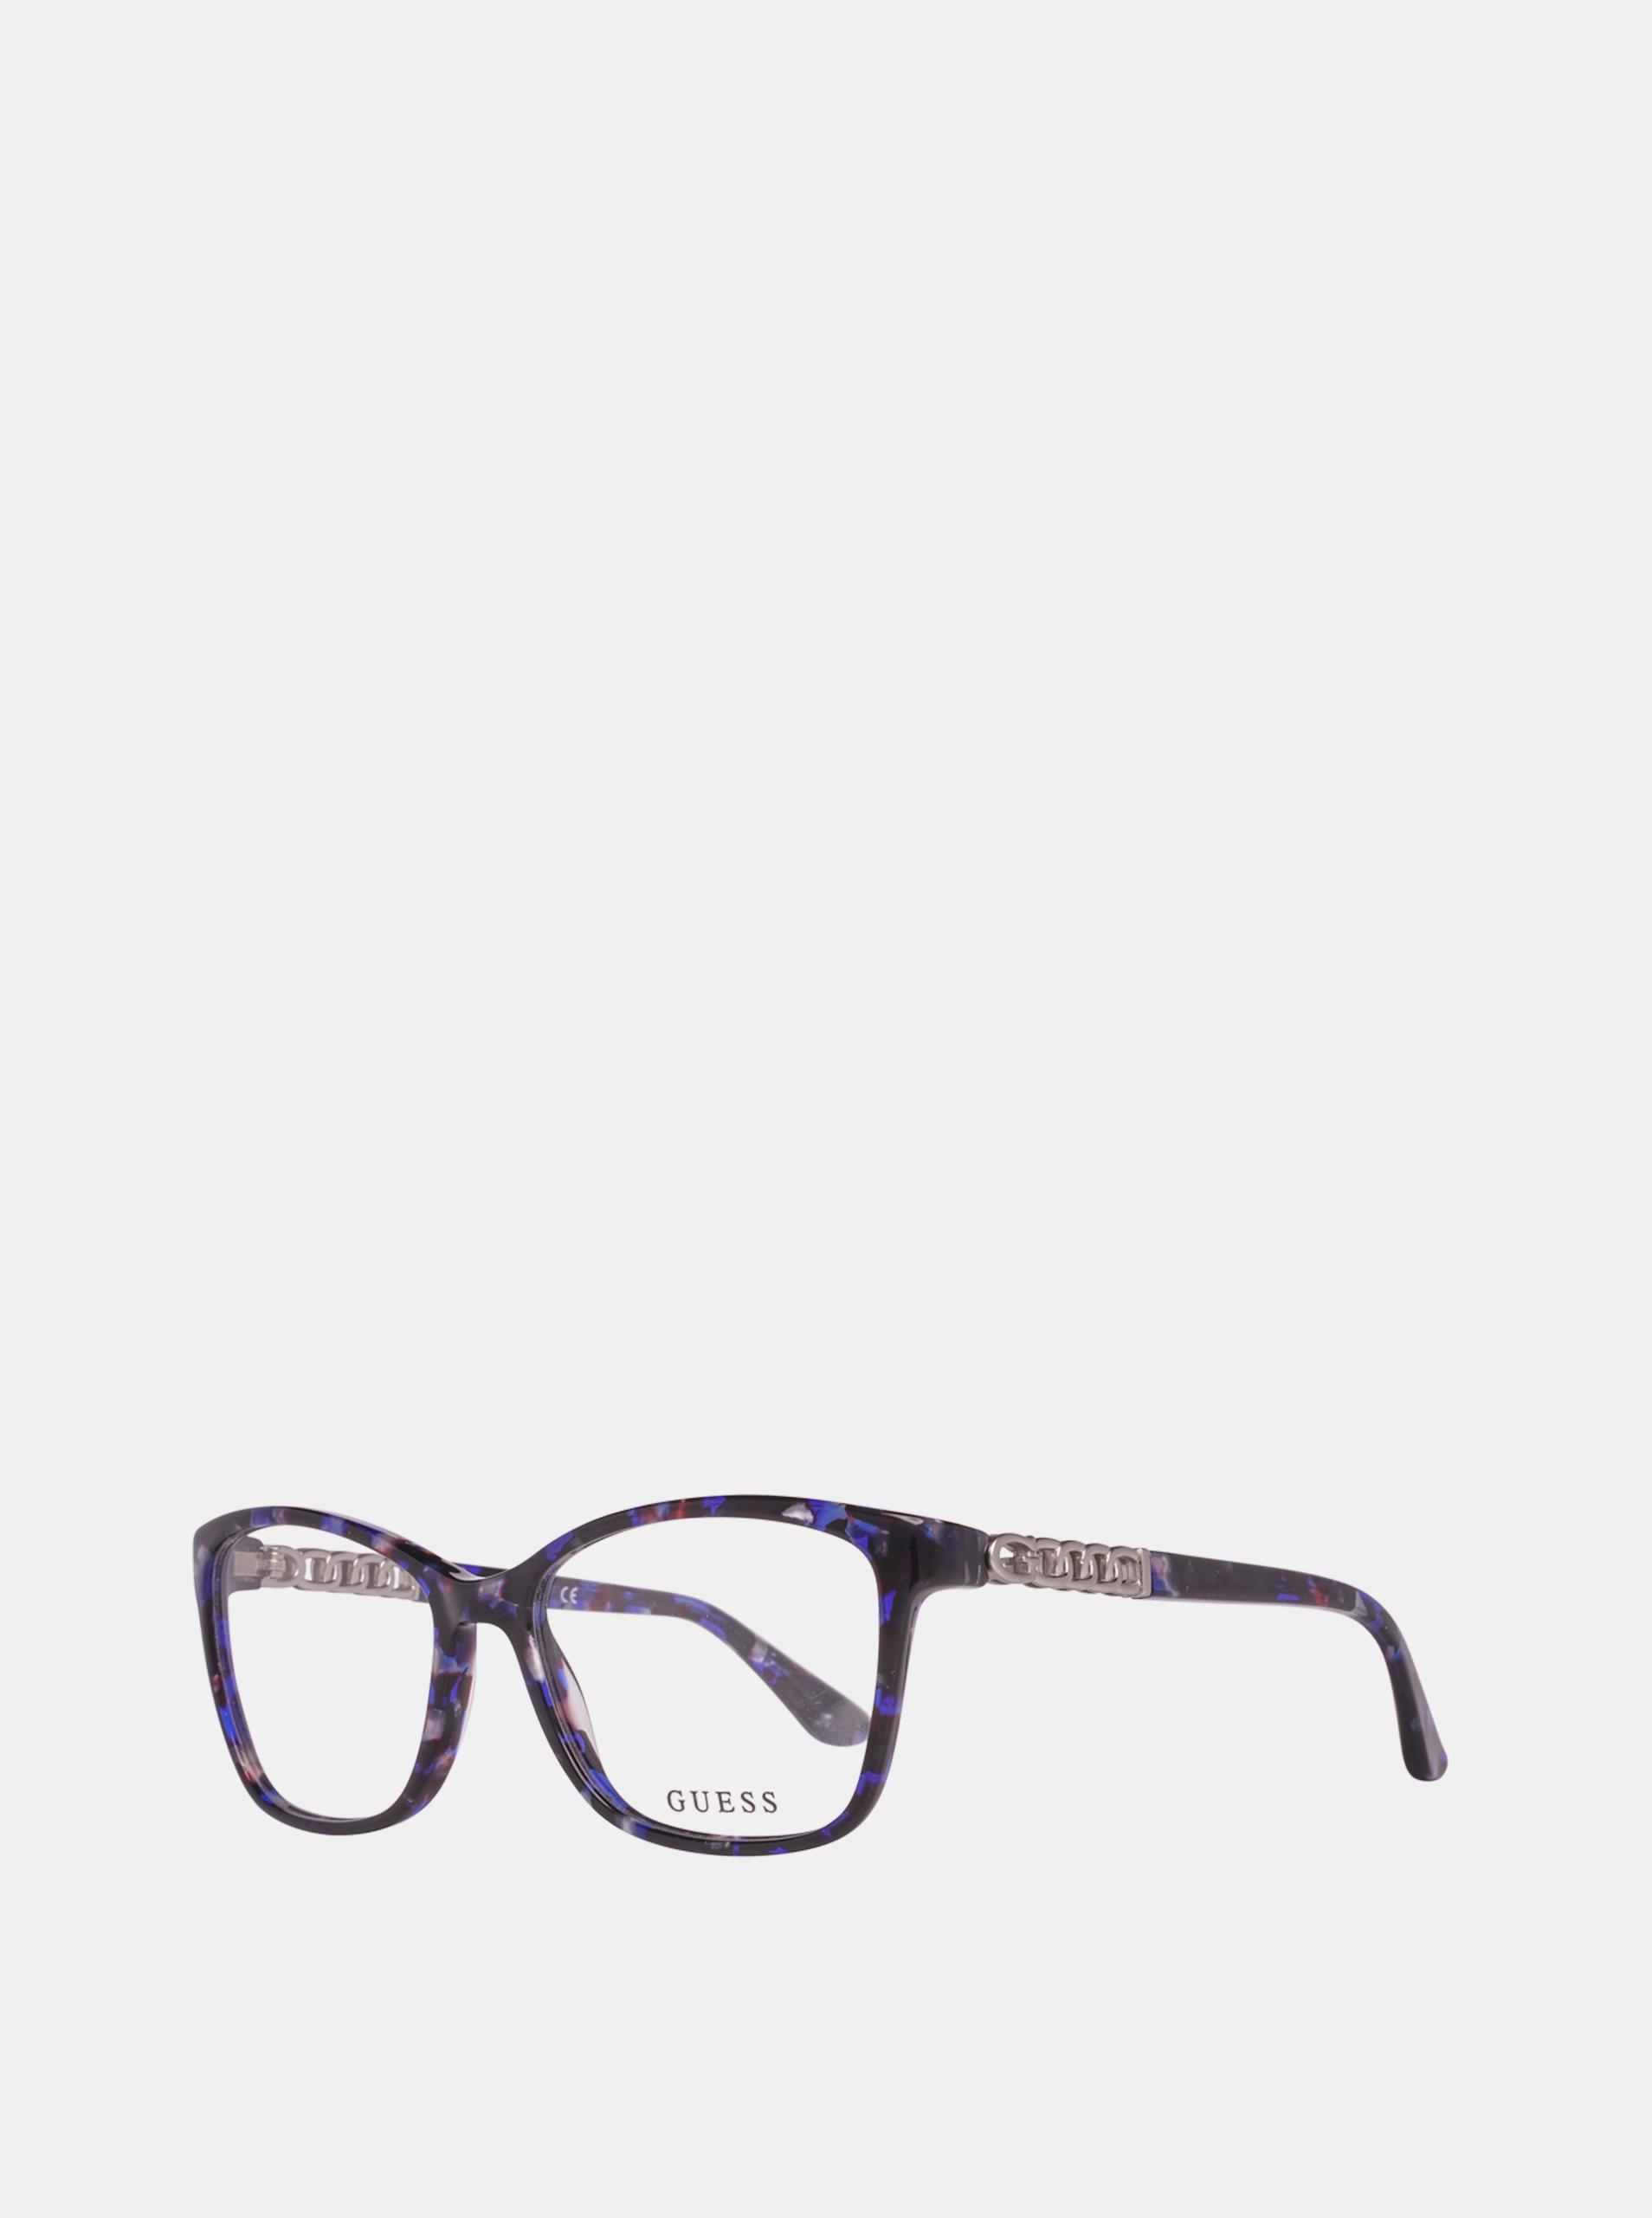 Tmavě modré dámské vzorované obroučky brýlí Guess